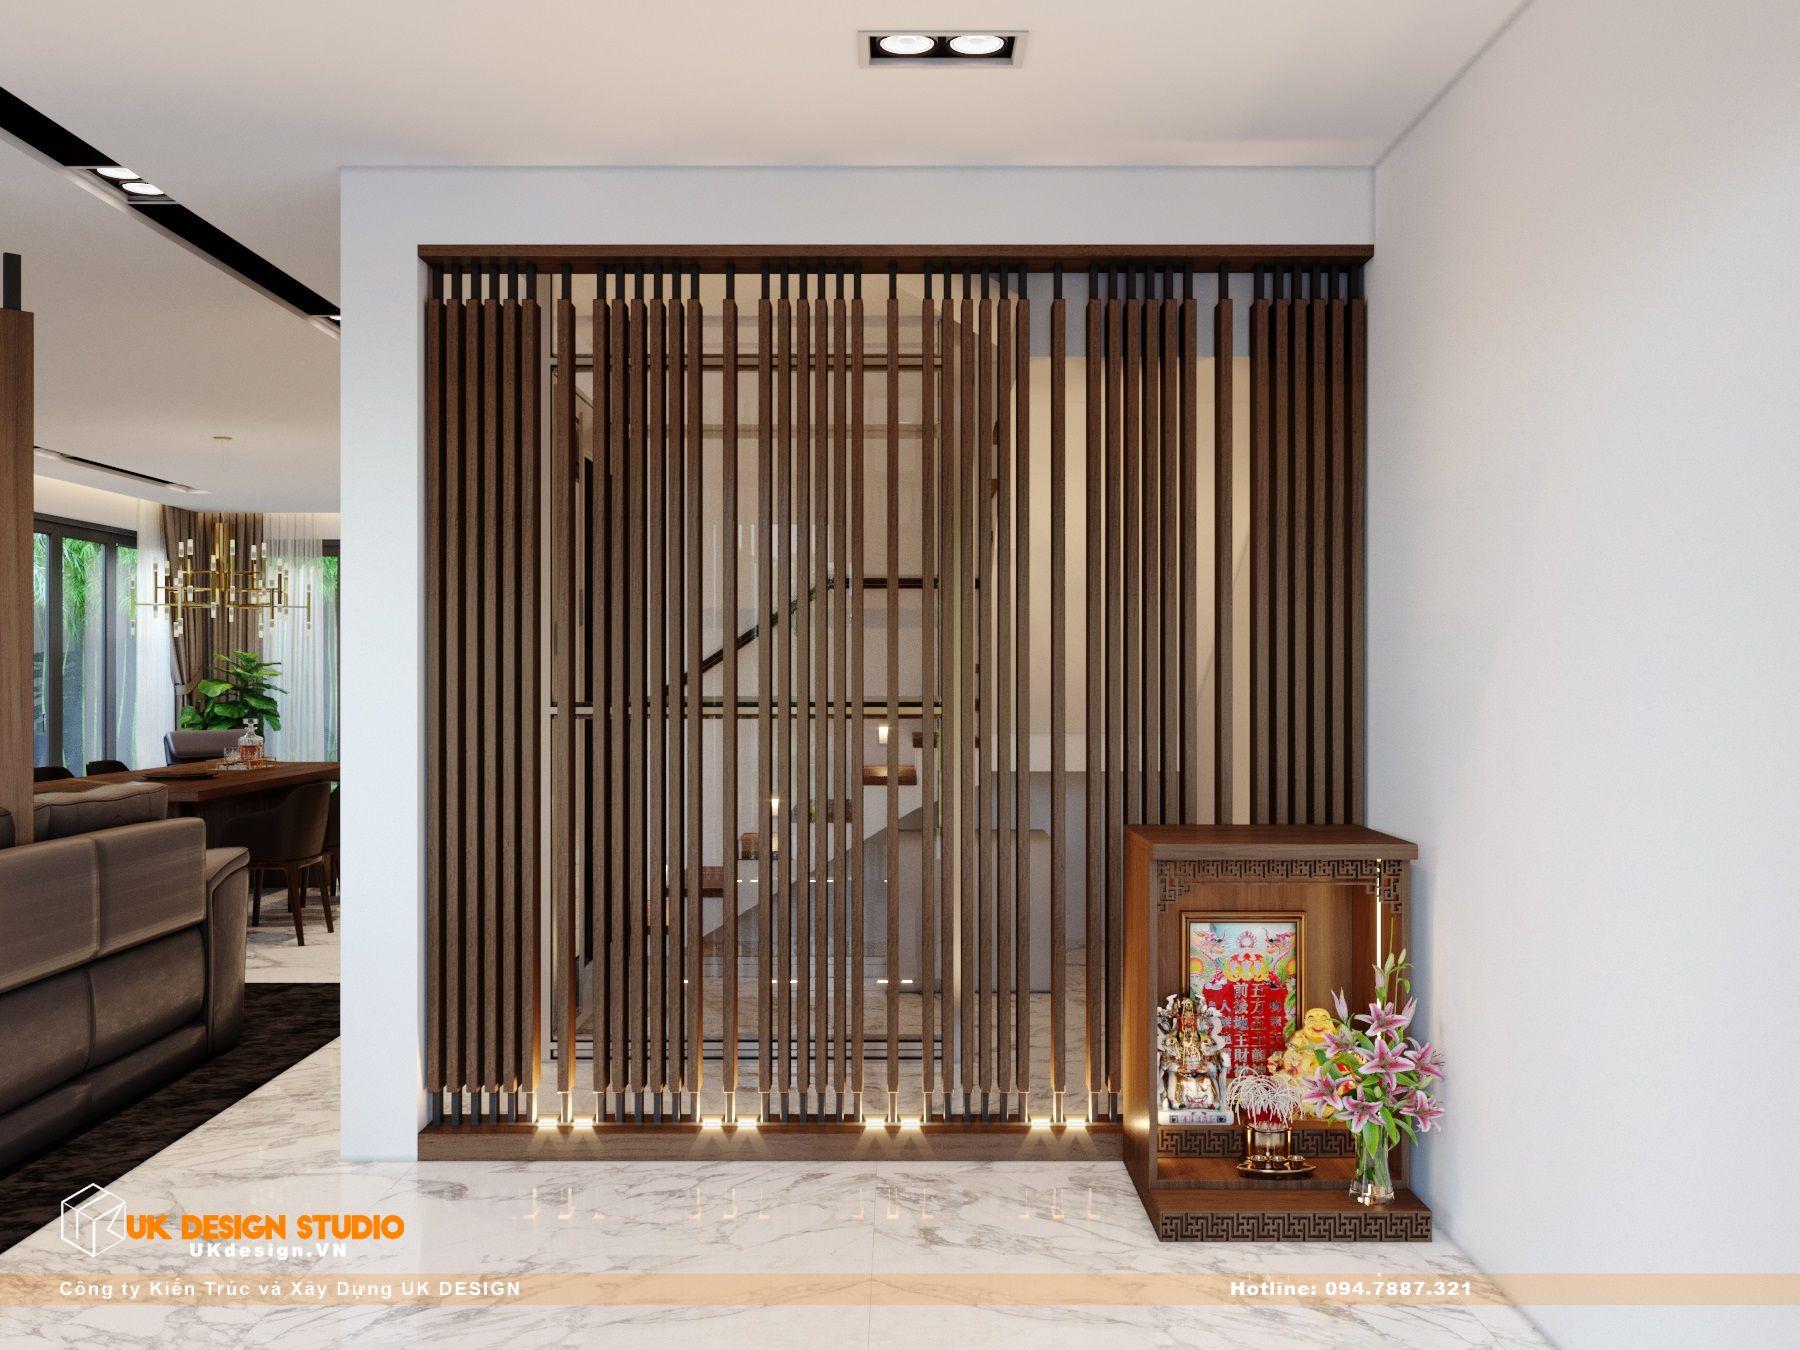 Thiết kế nội thất biệt thự nhà đẹp 3 tầng ở Quận 8 - Phòng Khách Bếp 18